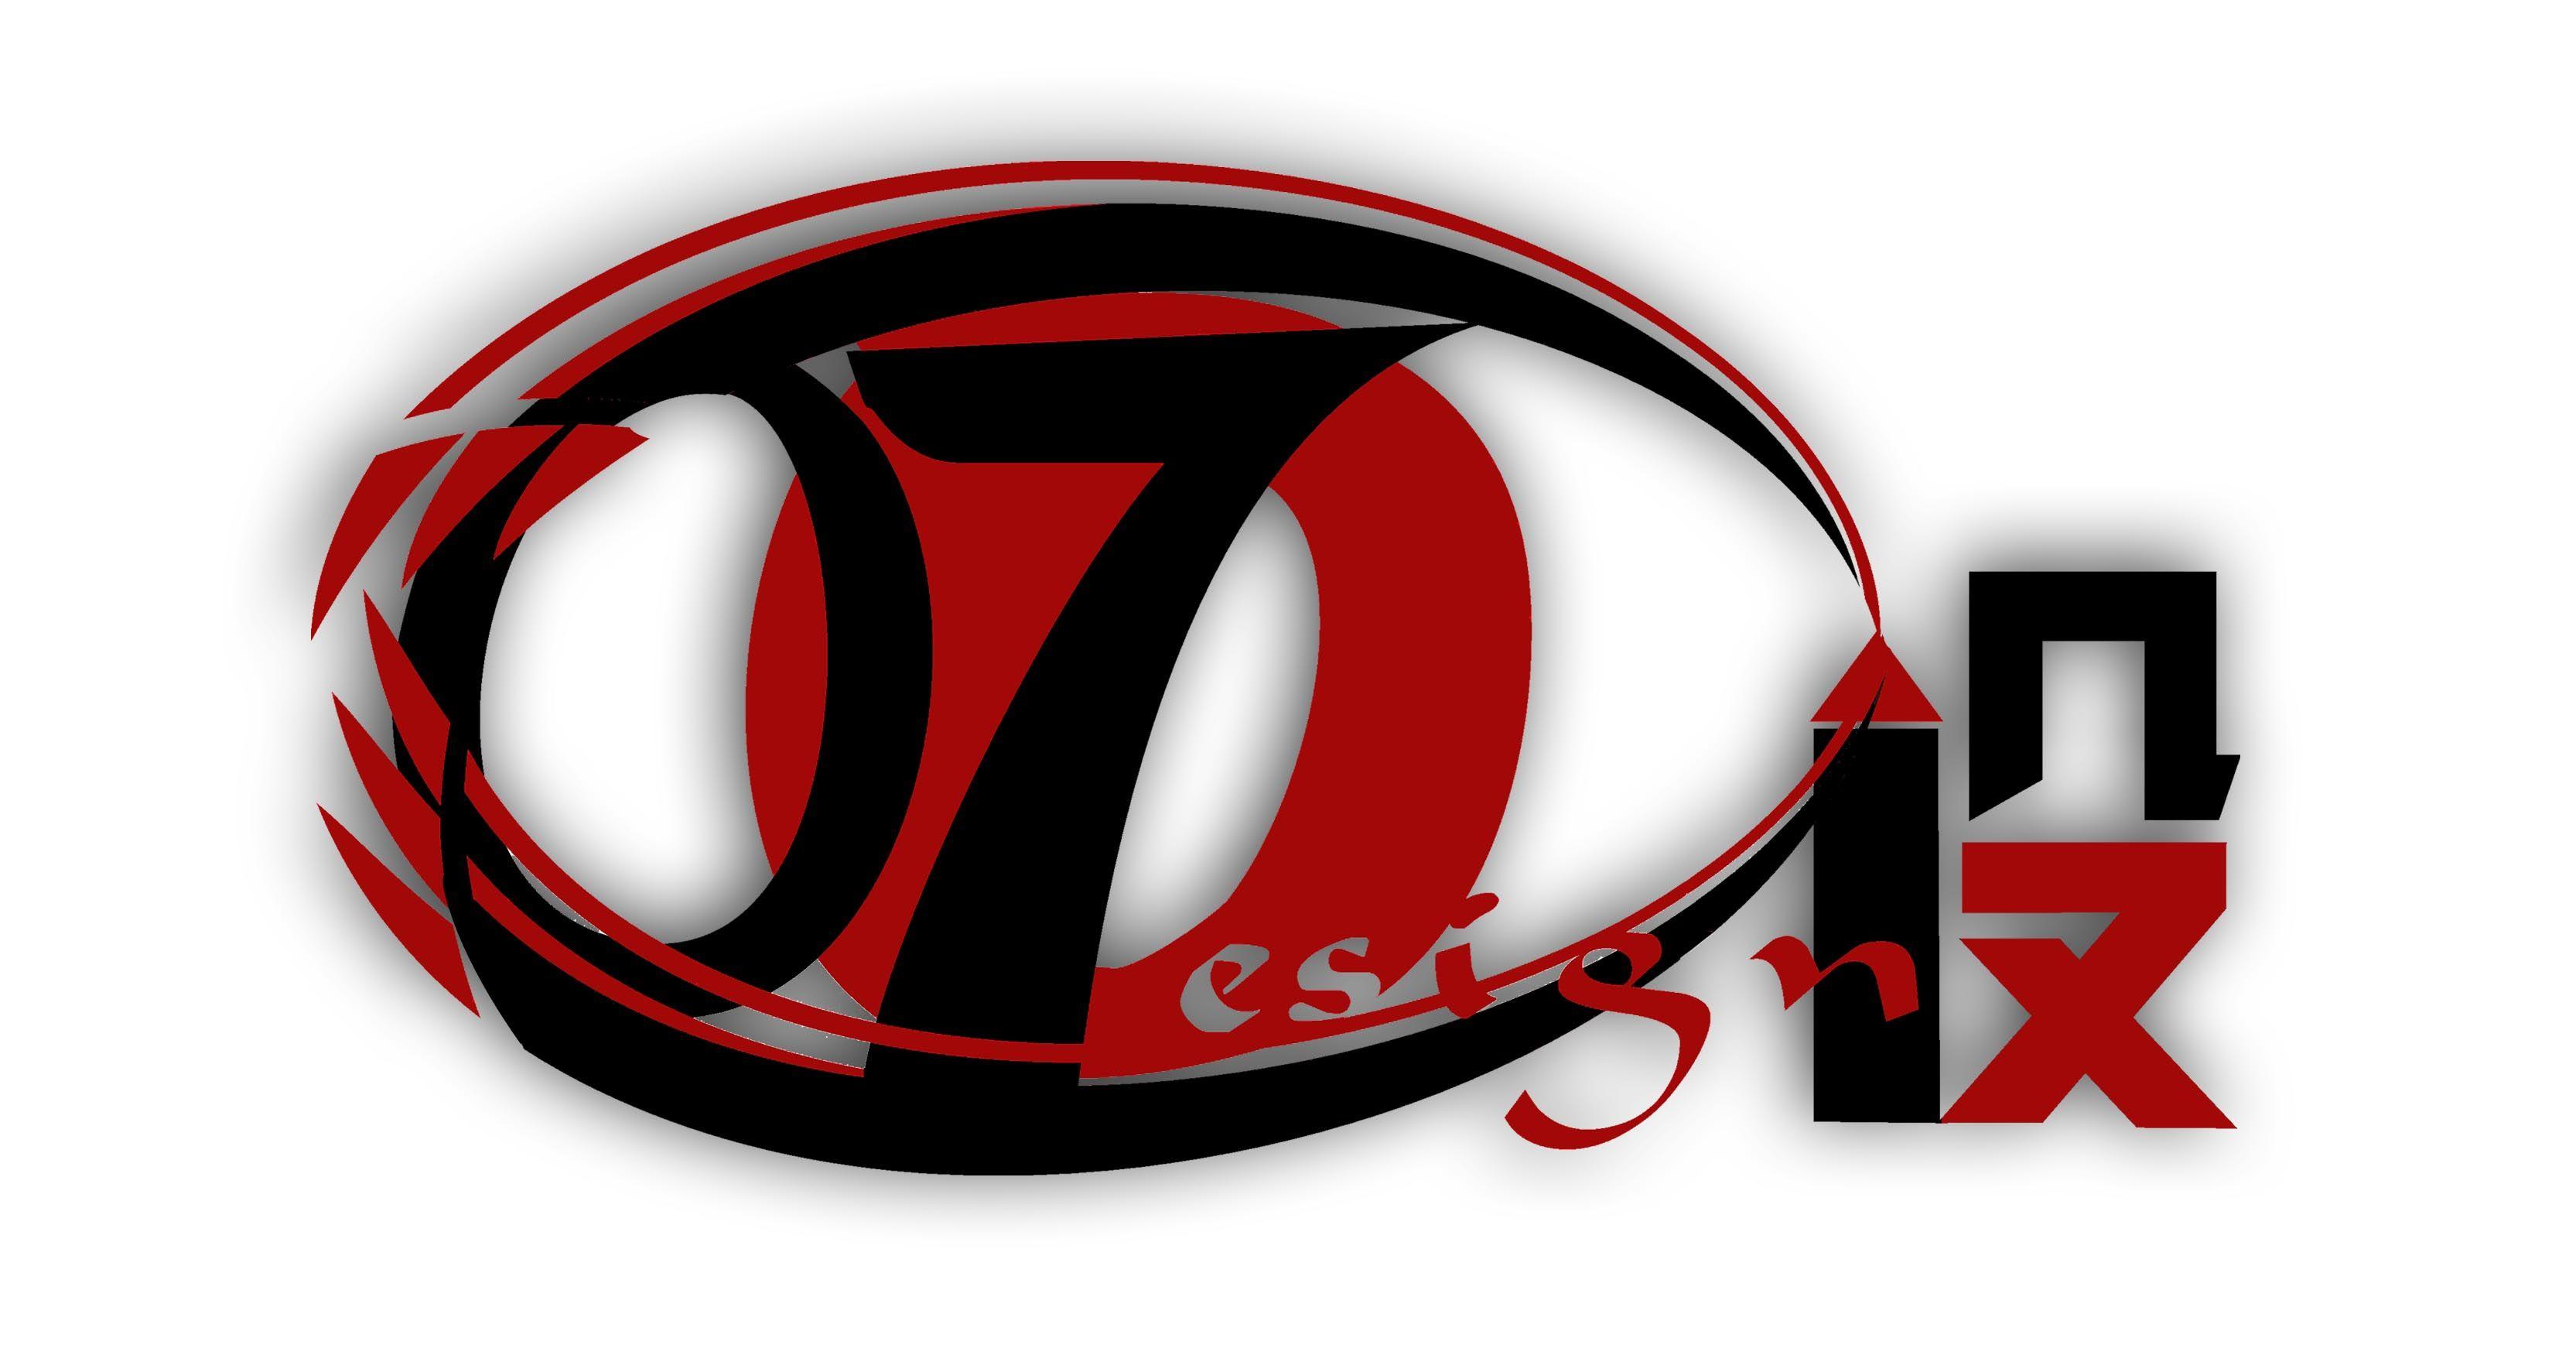 初学者第一次设计班徽 07工业设计 以眼睛为主要图案.